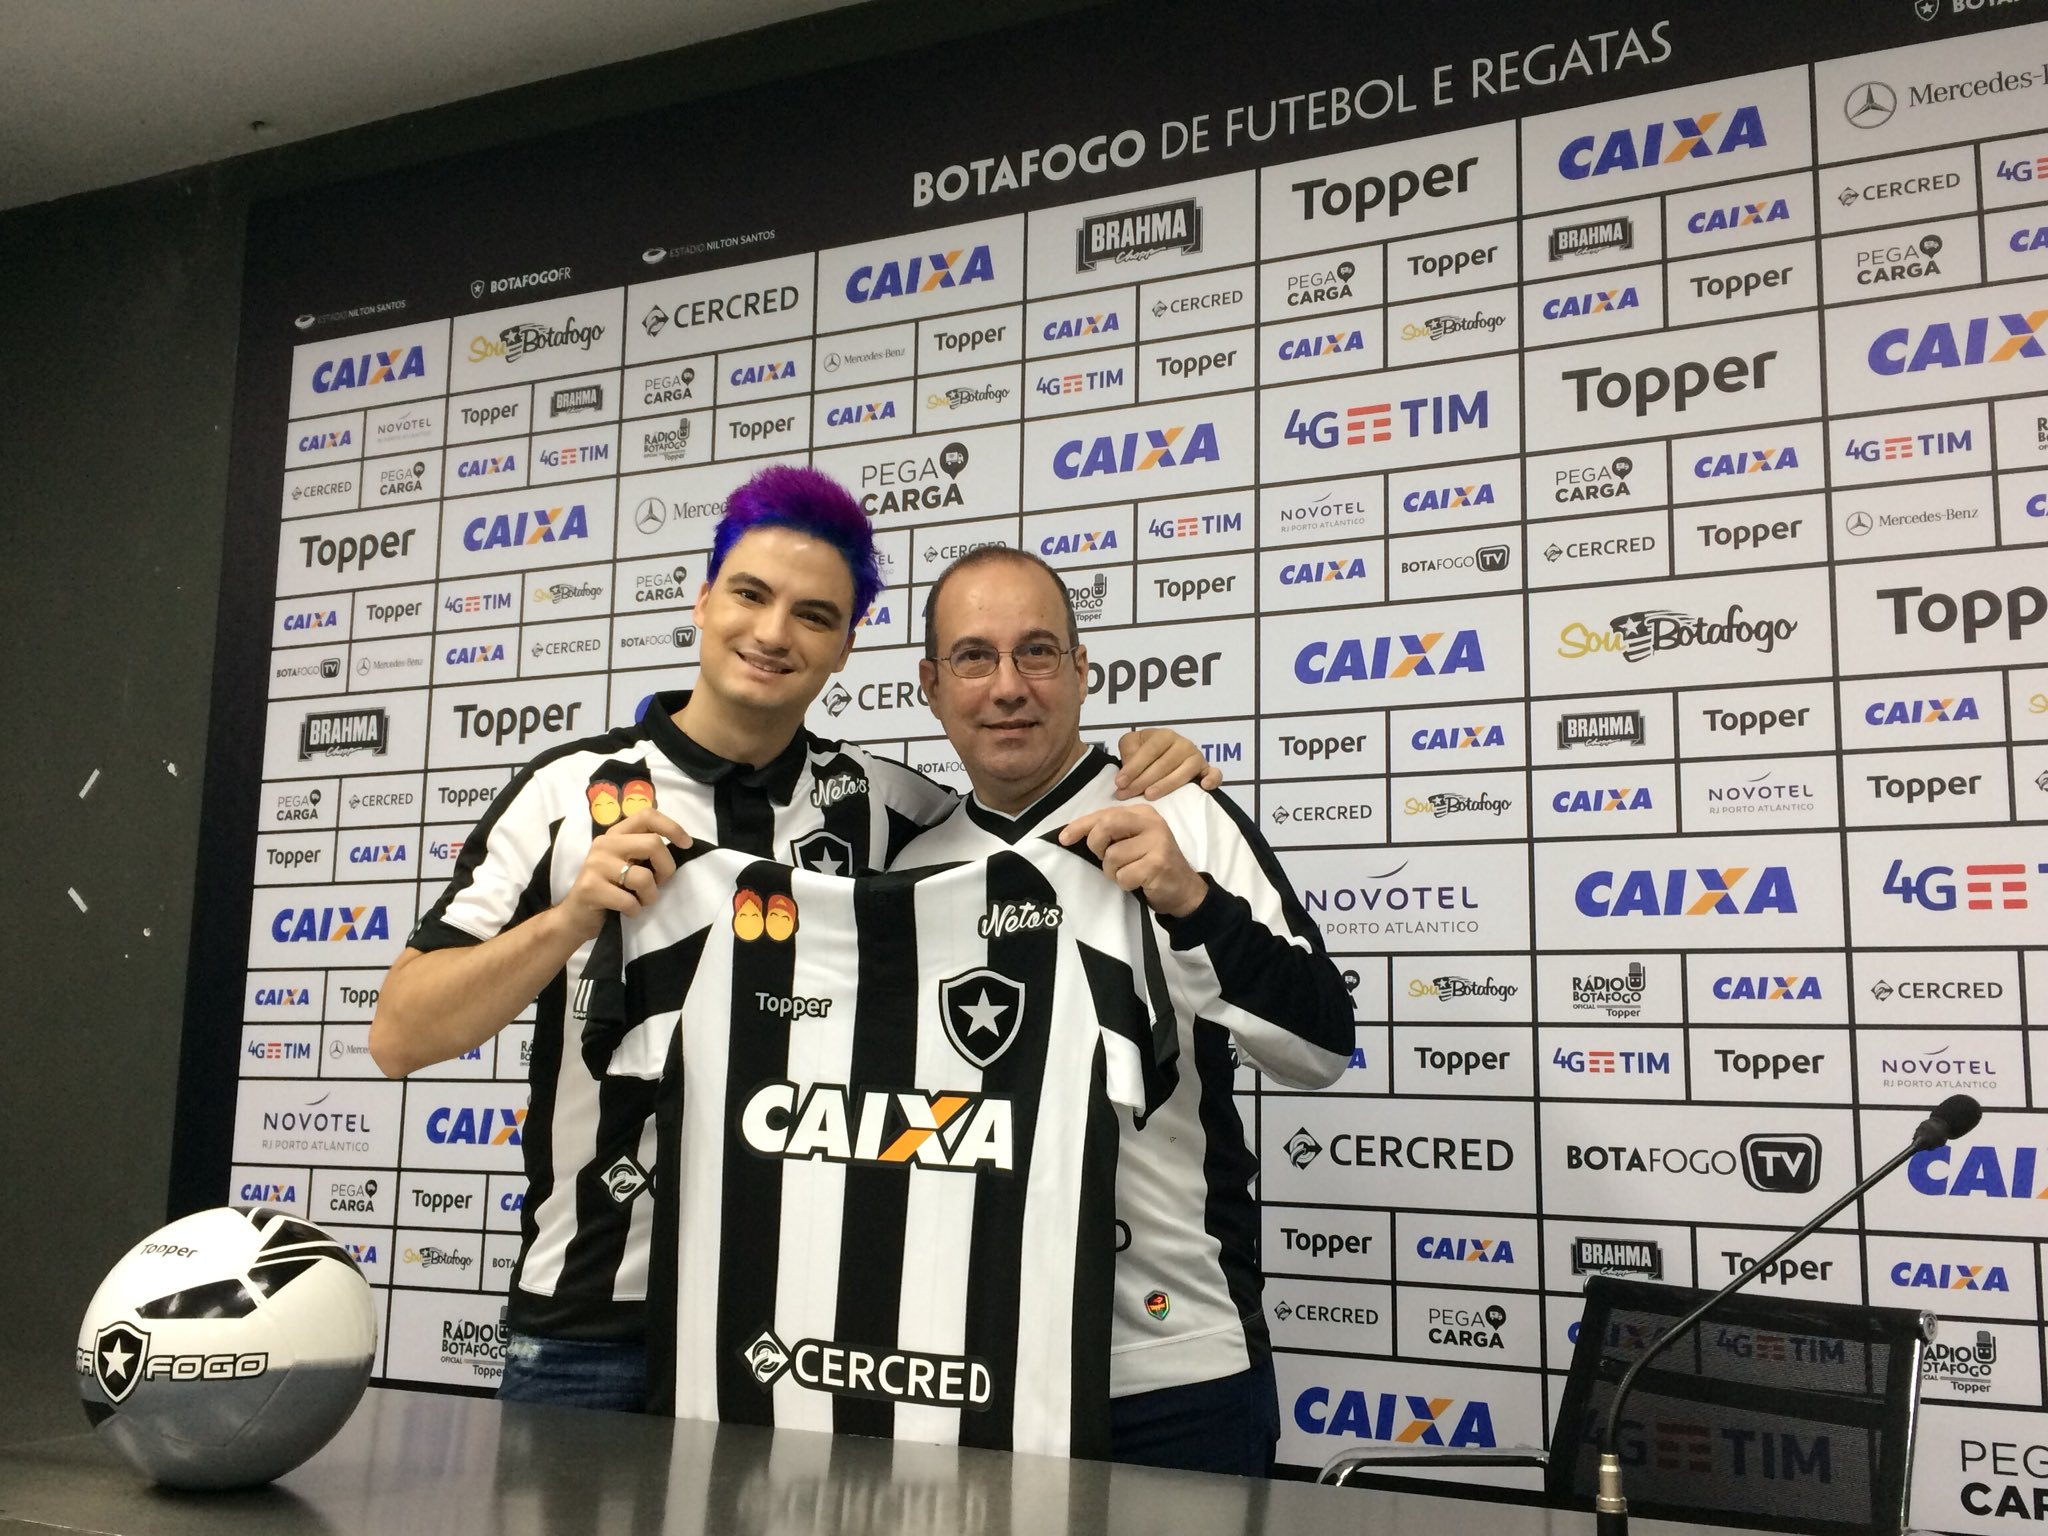 Botafogo terá patrocínio dos irmãos Neto contra o Palmeiras 761f547e784a9